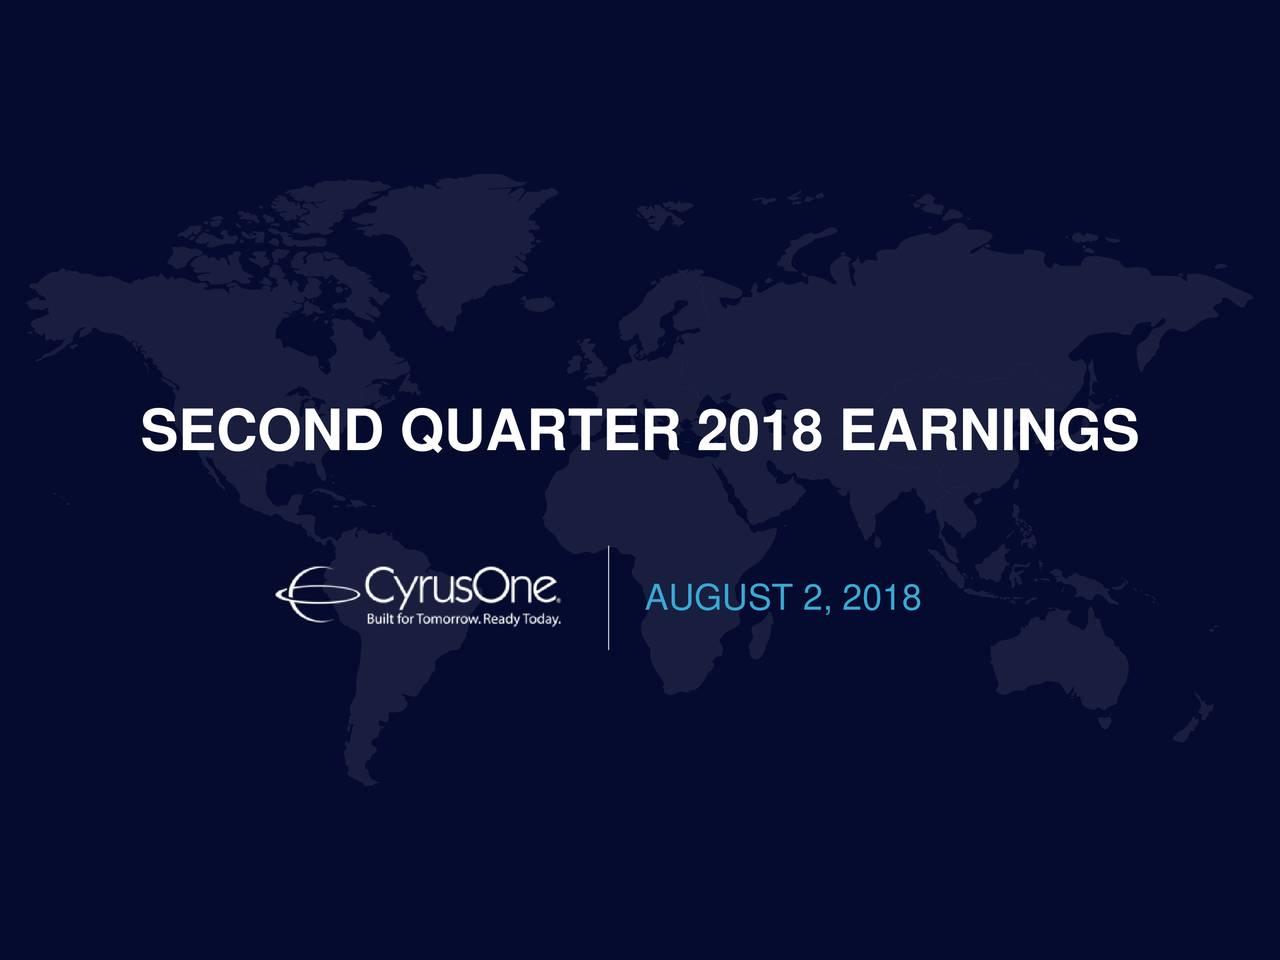 SECOND QUARTER 2018 EARNINGS